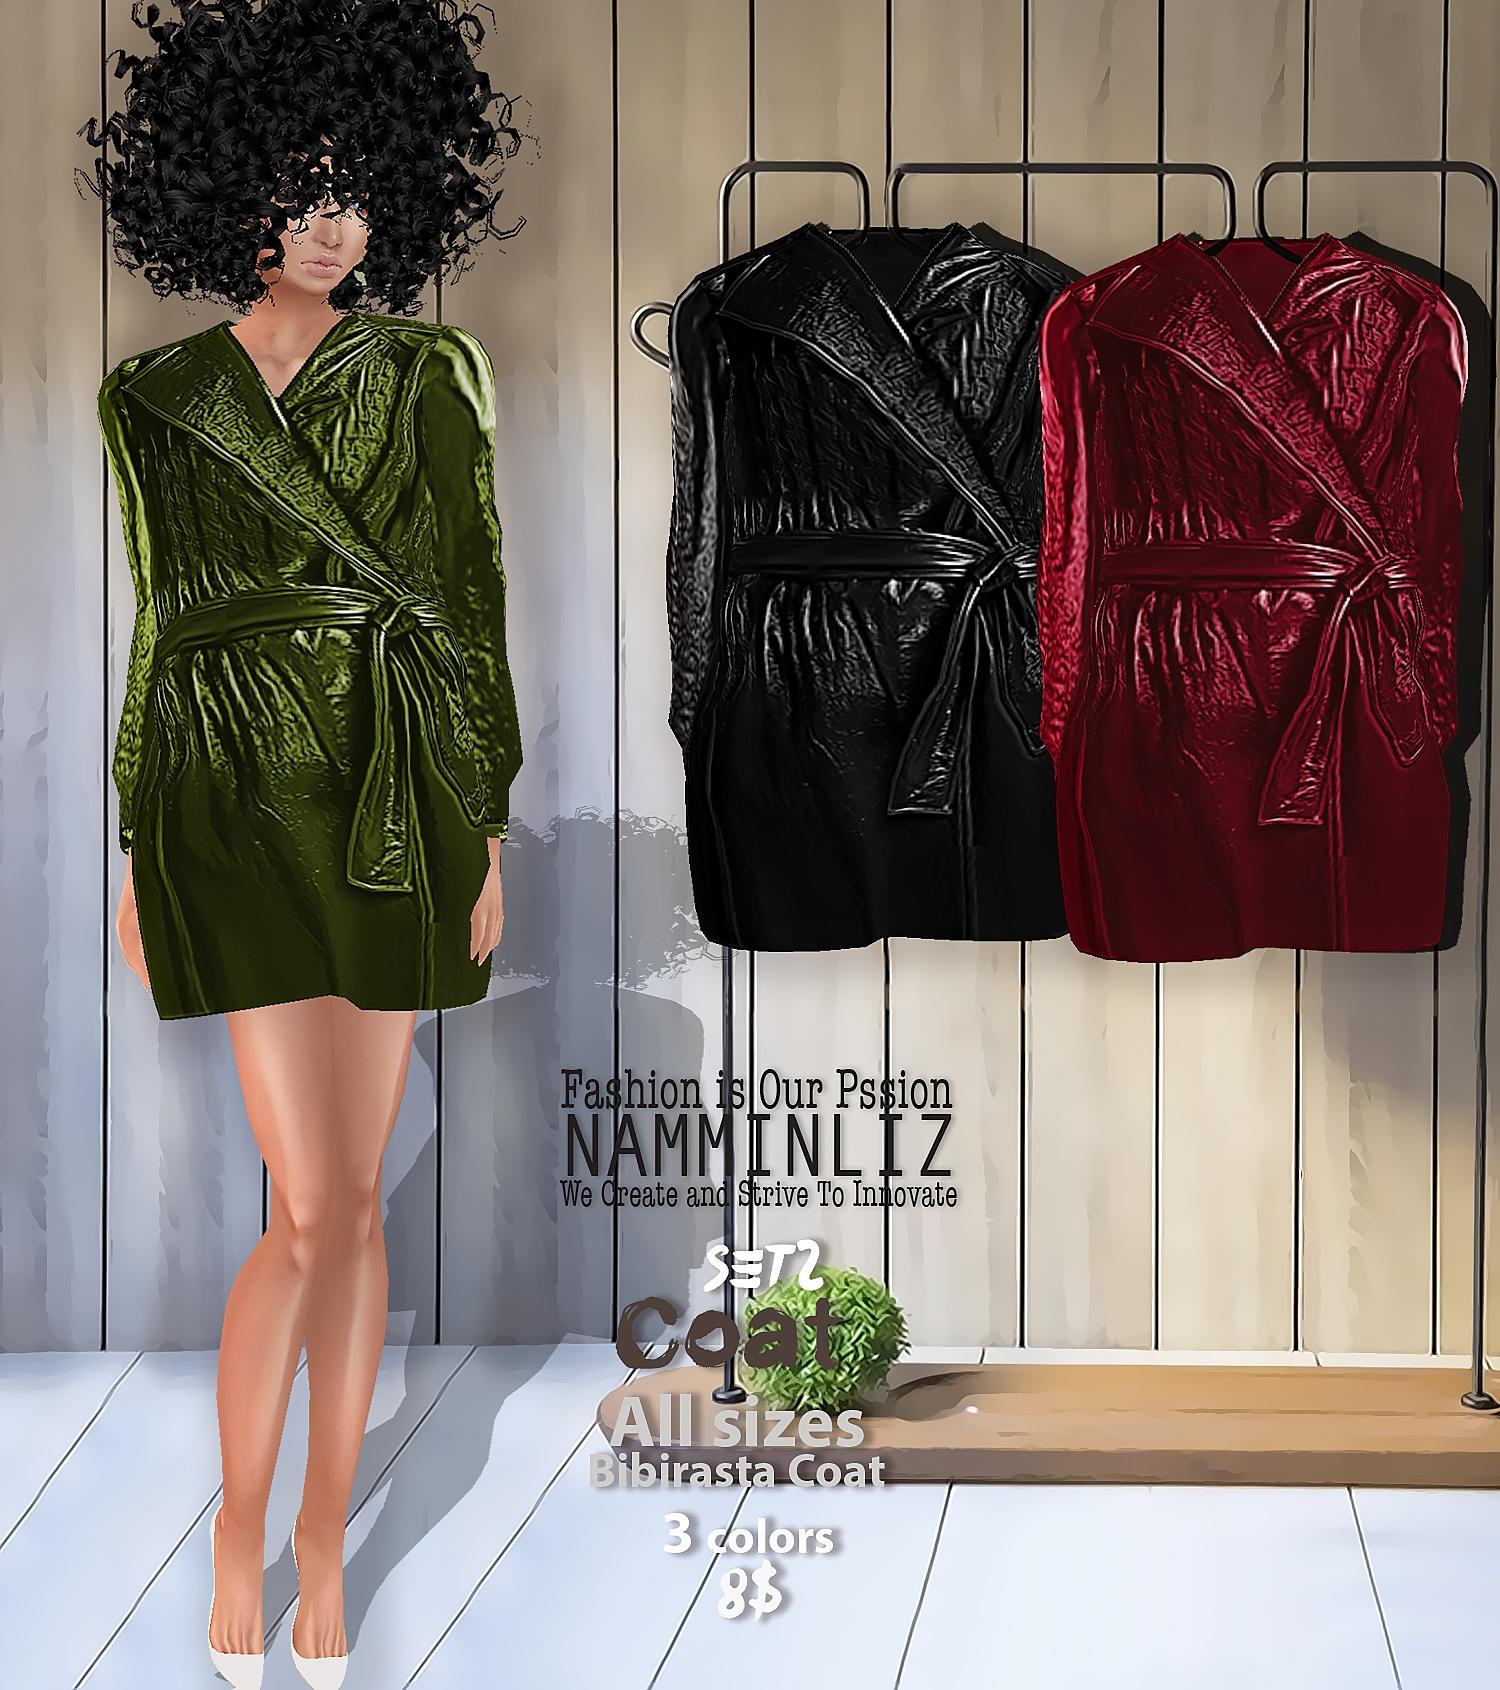 Coat SET2  Bibirasta Coat  All sizes w/ 3 Different colors